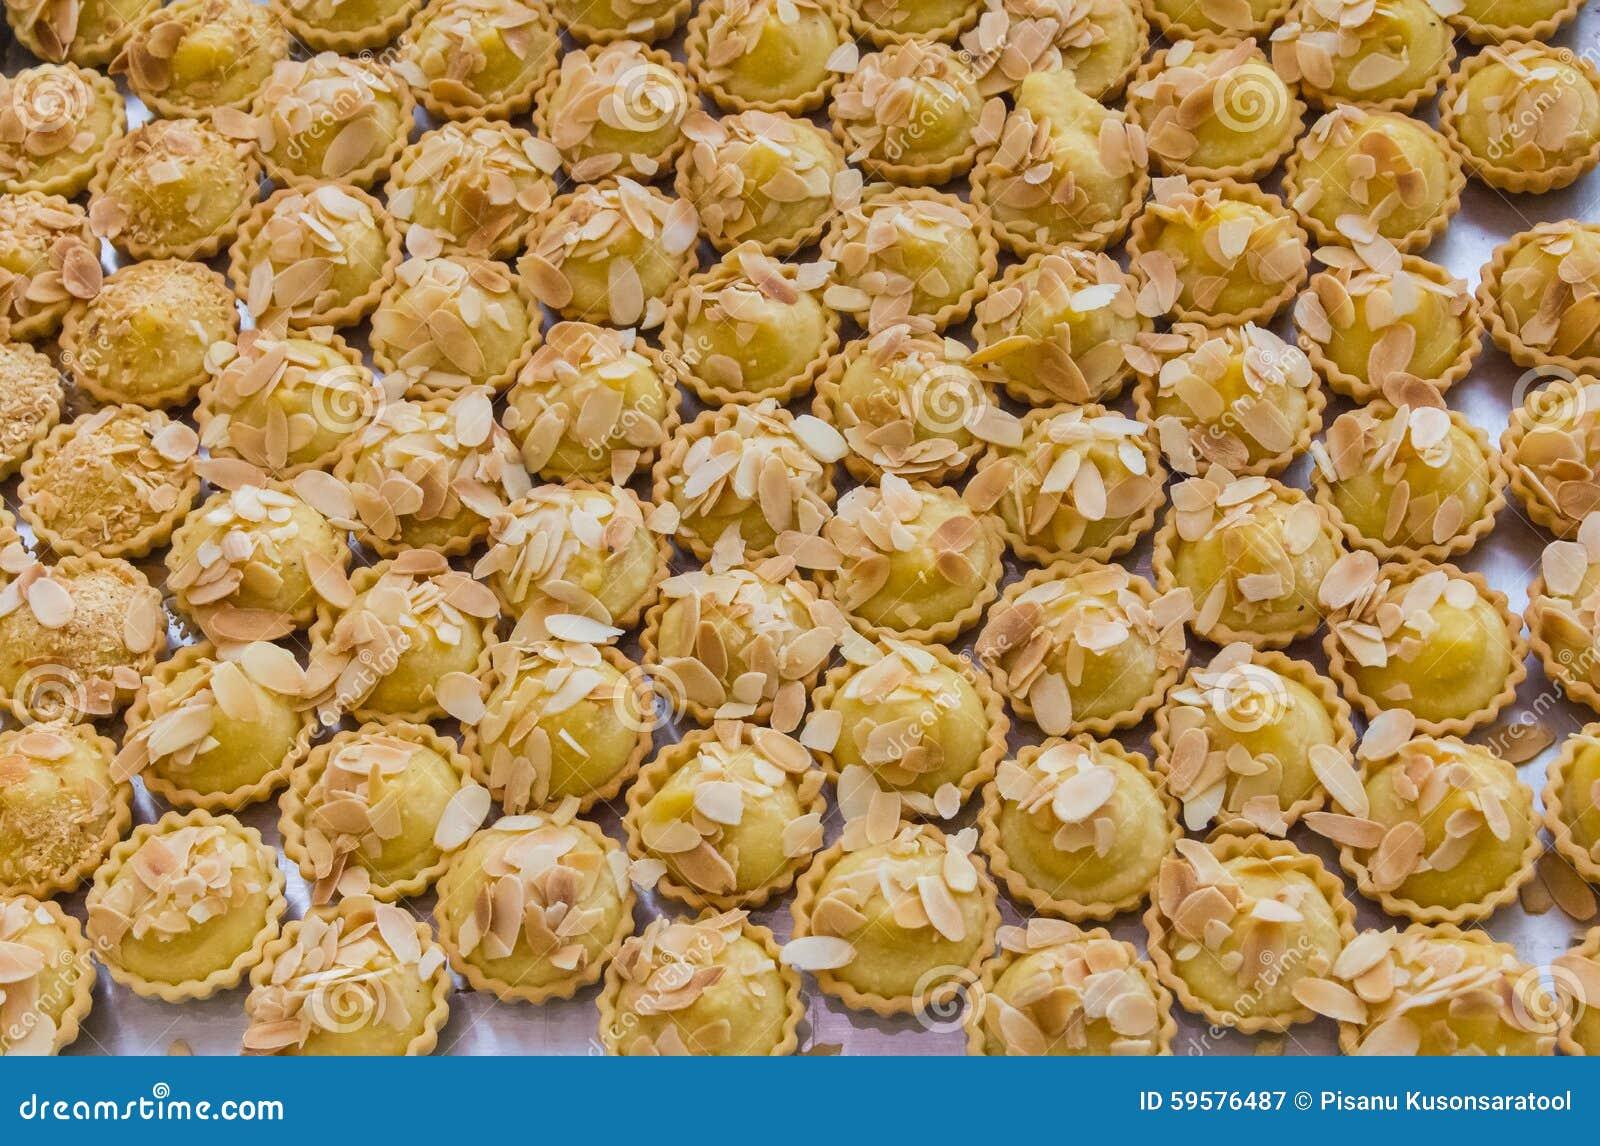 Download Almond tart stock image. Image of tarts, sweet, foods - 59576487